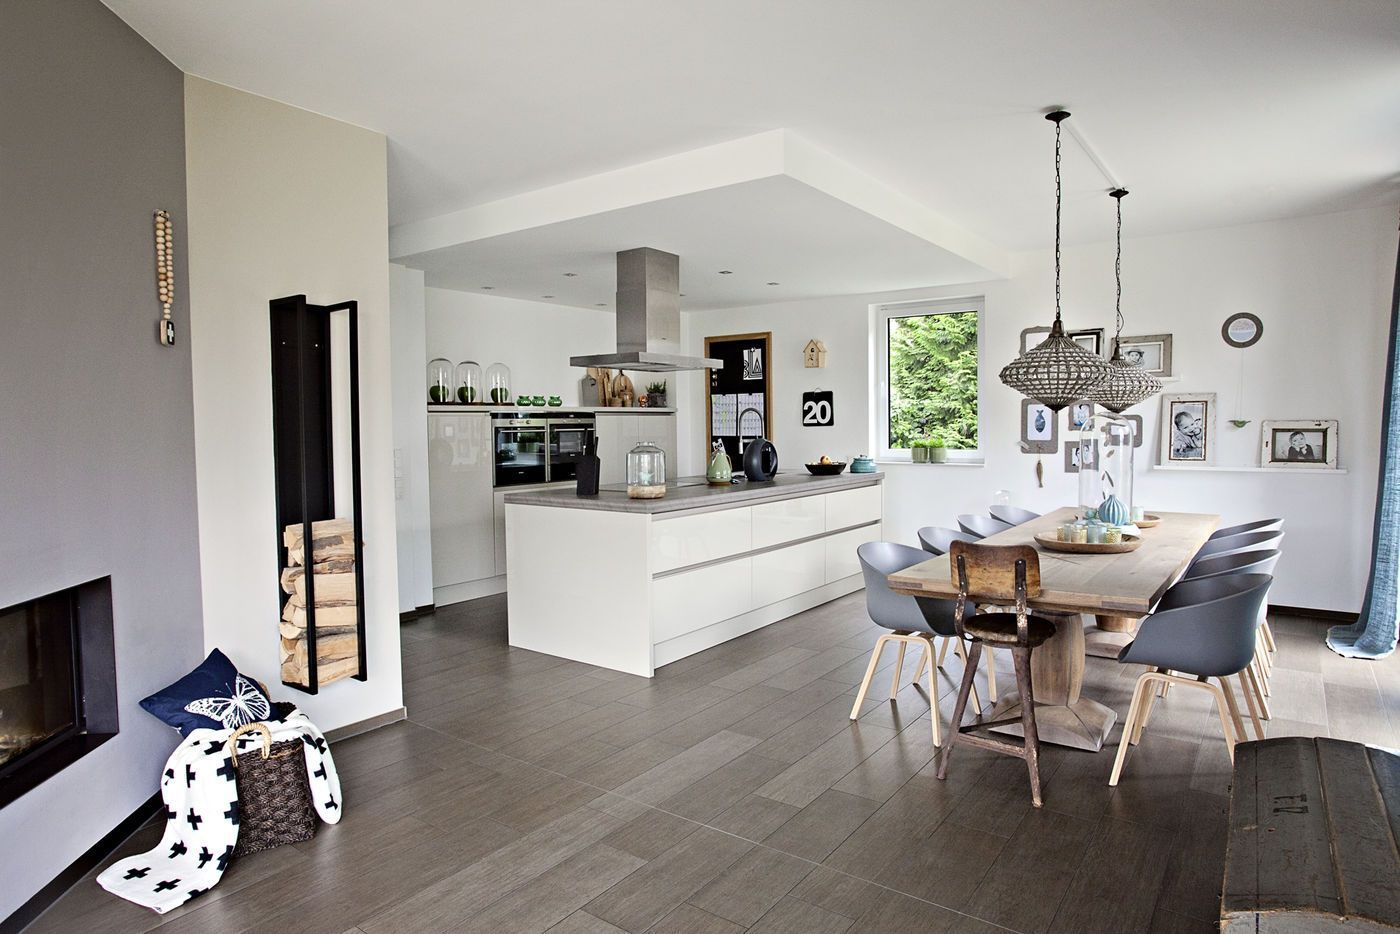 Wohnzimmer Kuche Offen Ideen In 2019 Offene Kuche Haus Kuchen